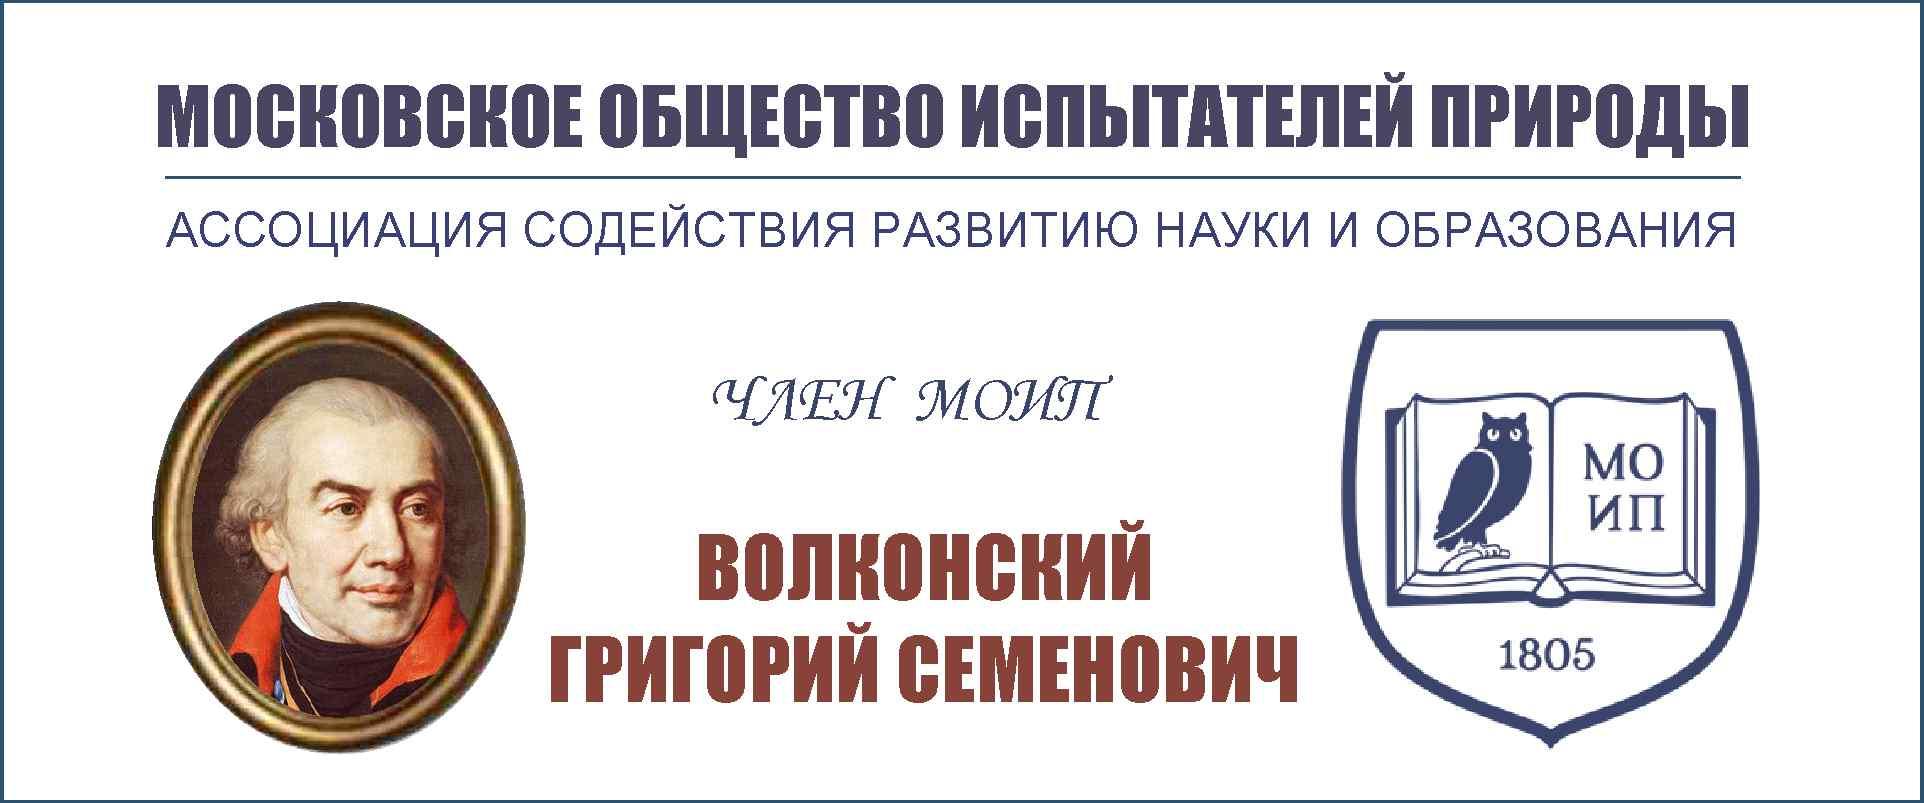 КНЯЗЬ Г.С.ВОЛКОНСКИЙ –– ЧЛЕН МОИП